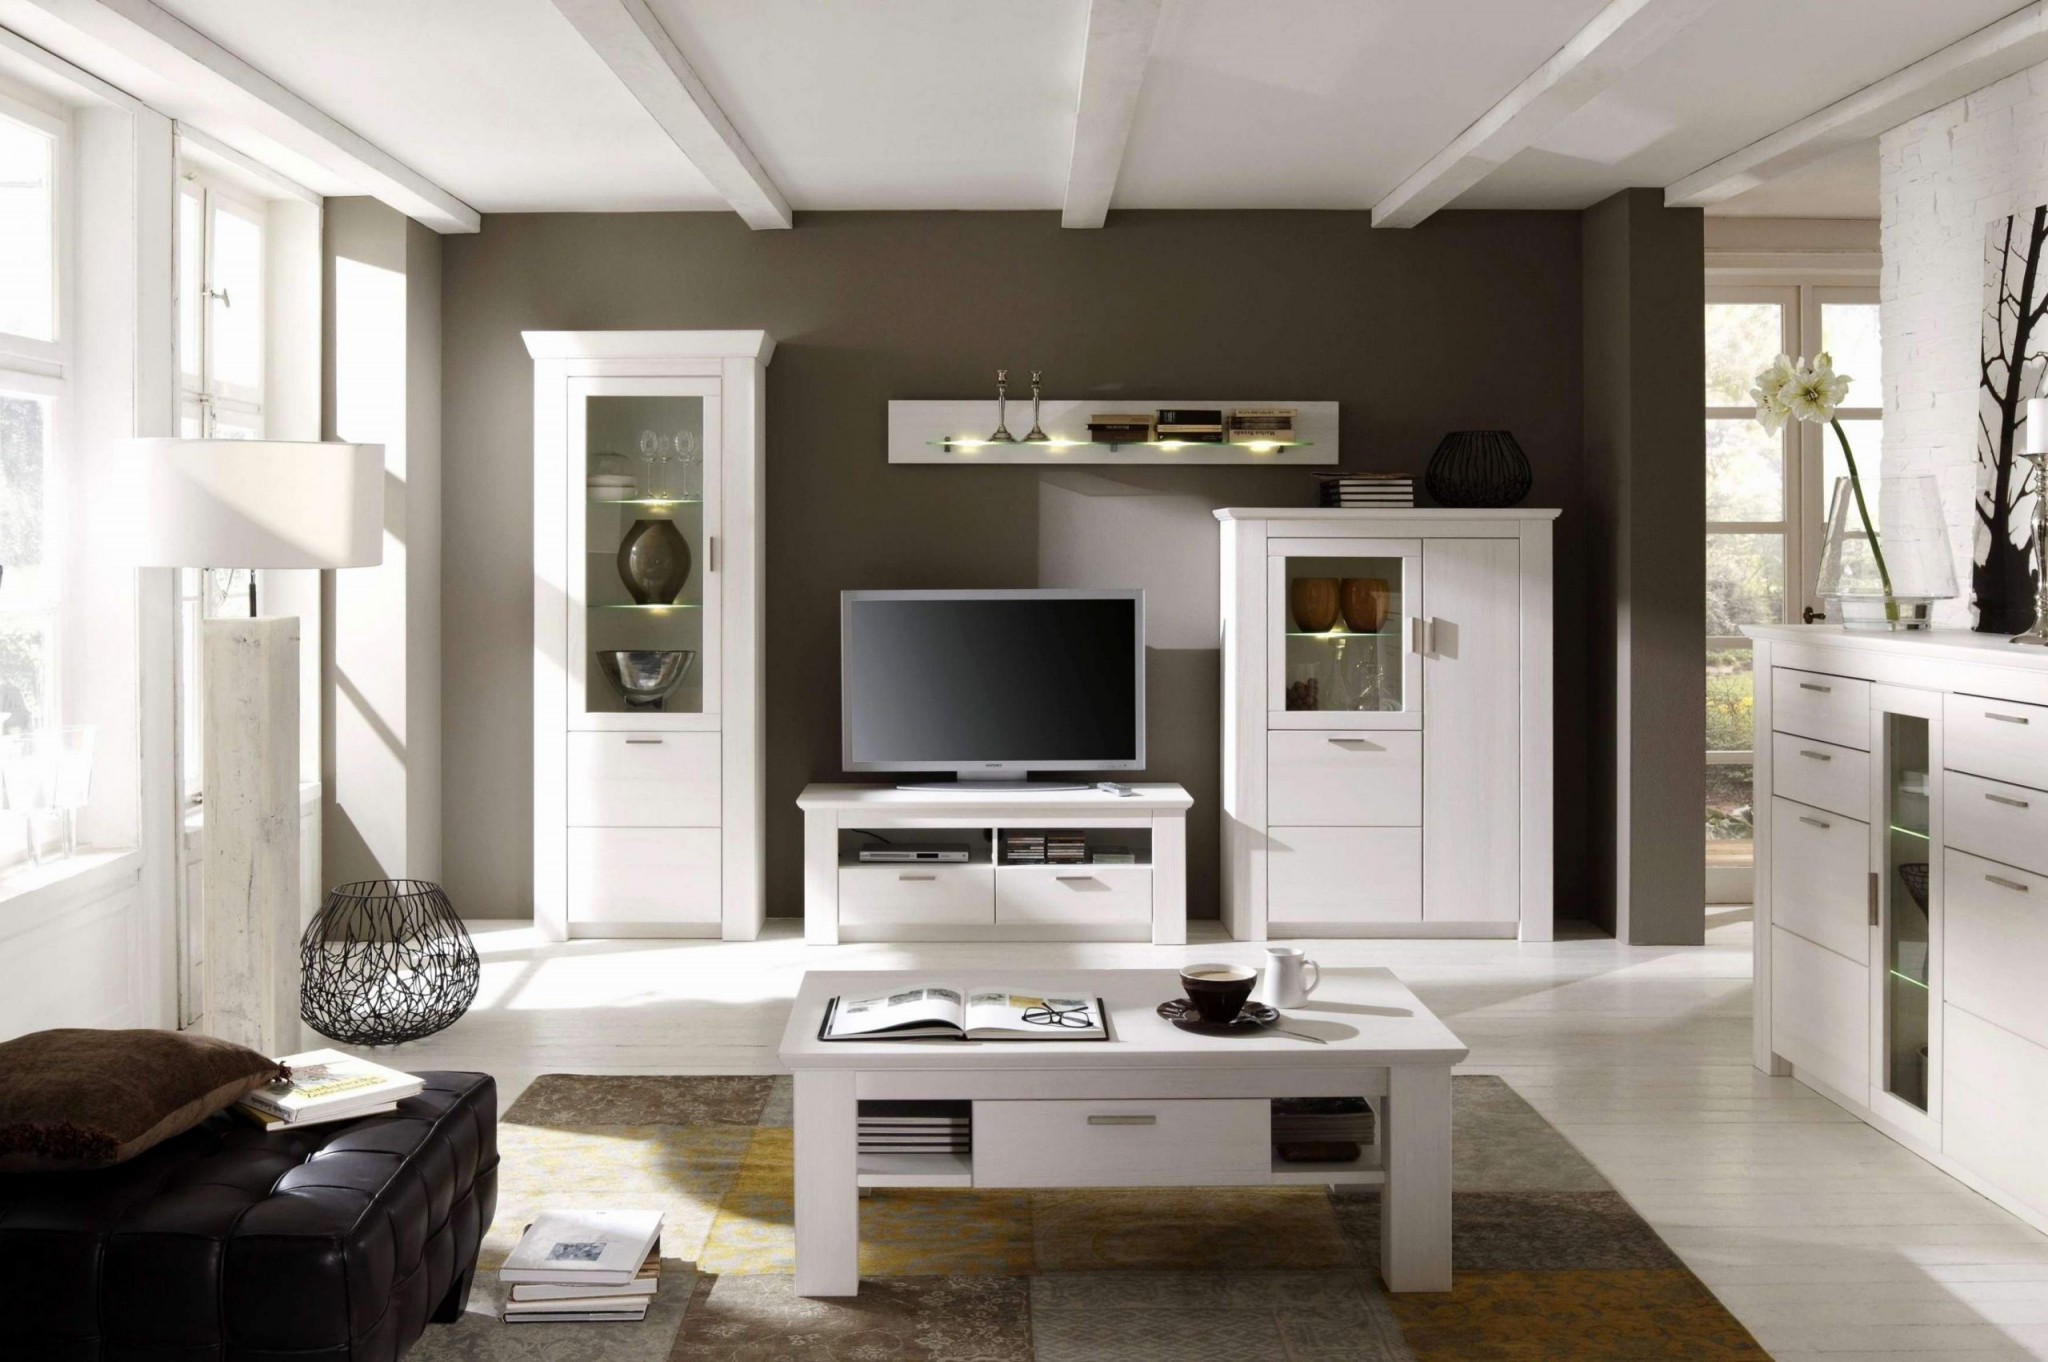 Kleines Wohnzimmer Optimal Einrichten Das Beste Von 27 Das von Kleines Wohnzimmer Optimal Einrichten Photo